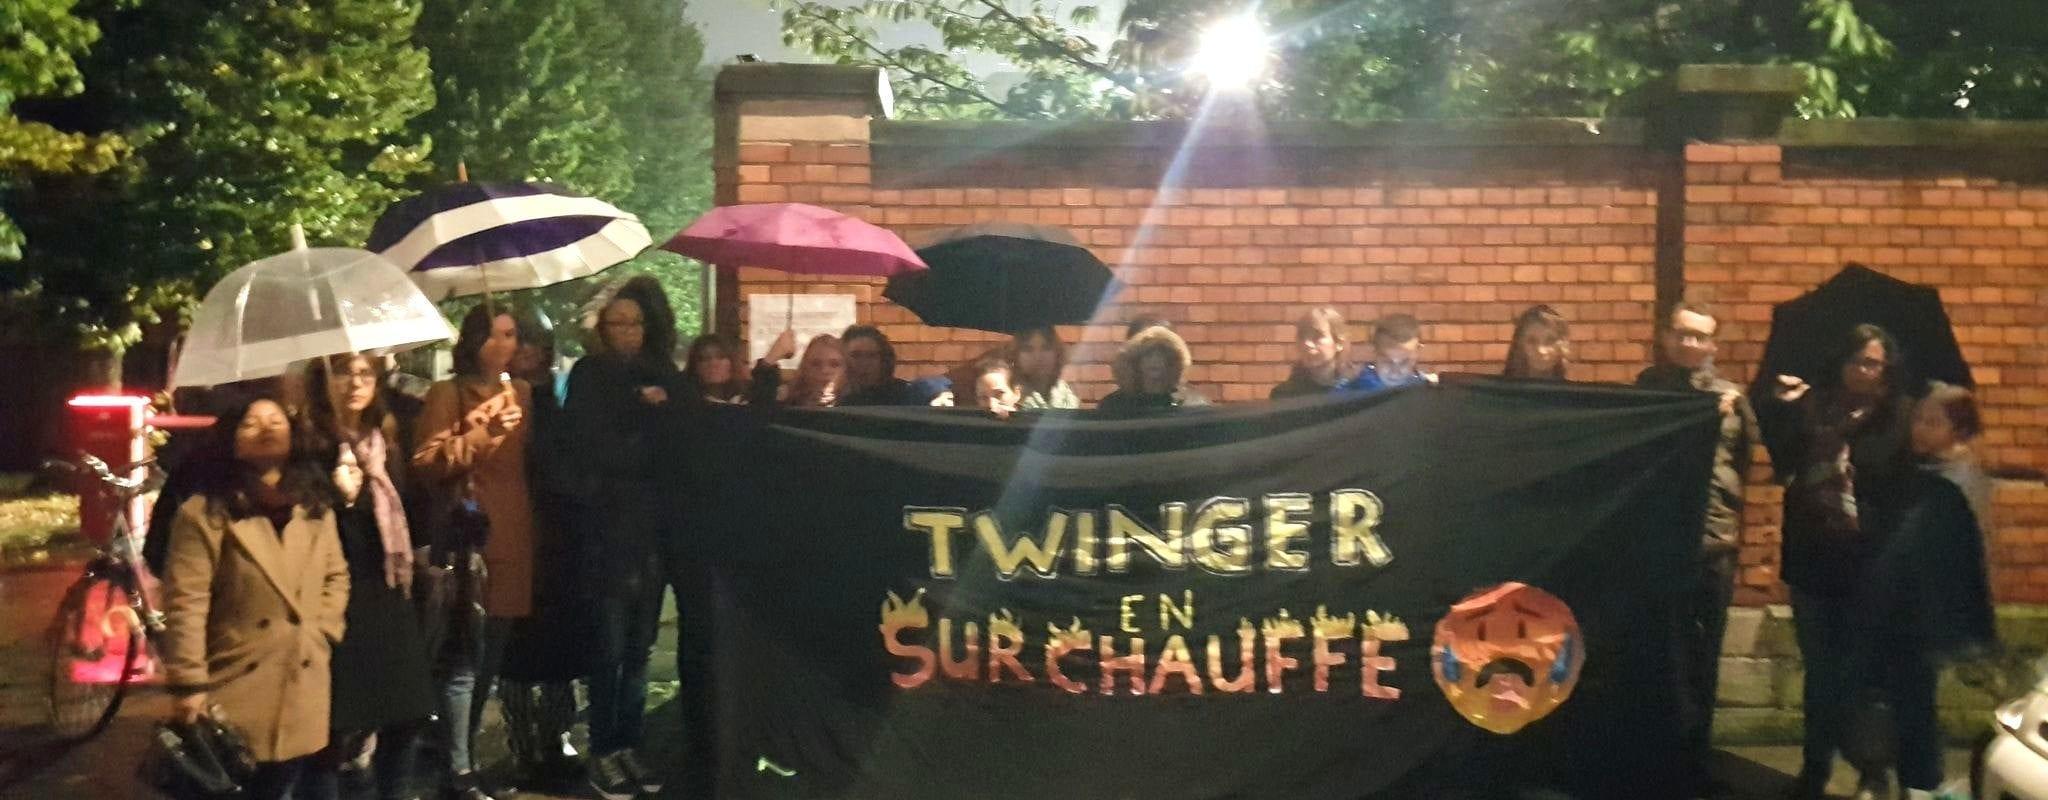 Enseignants et parents du collège Twinger déçus par la réponse de l'académie